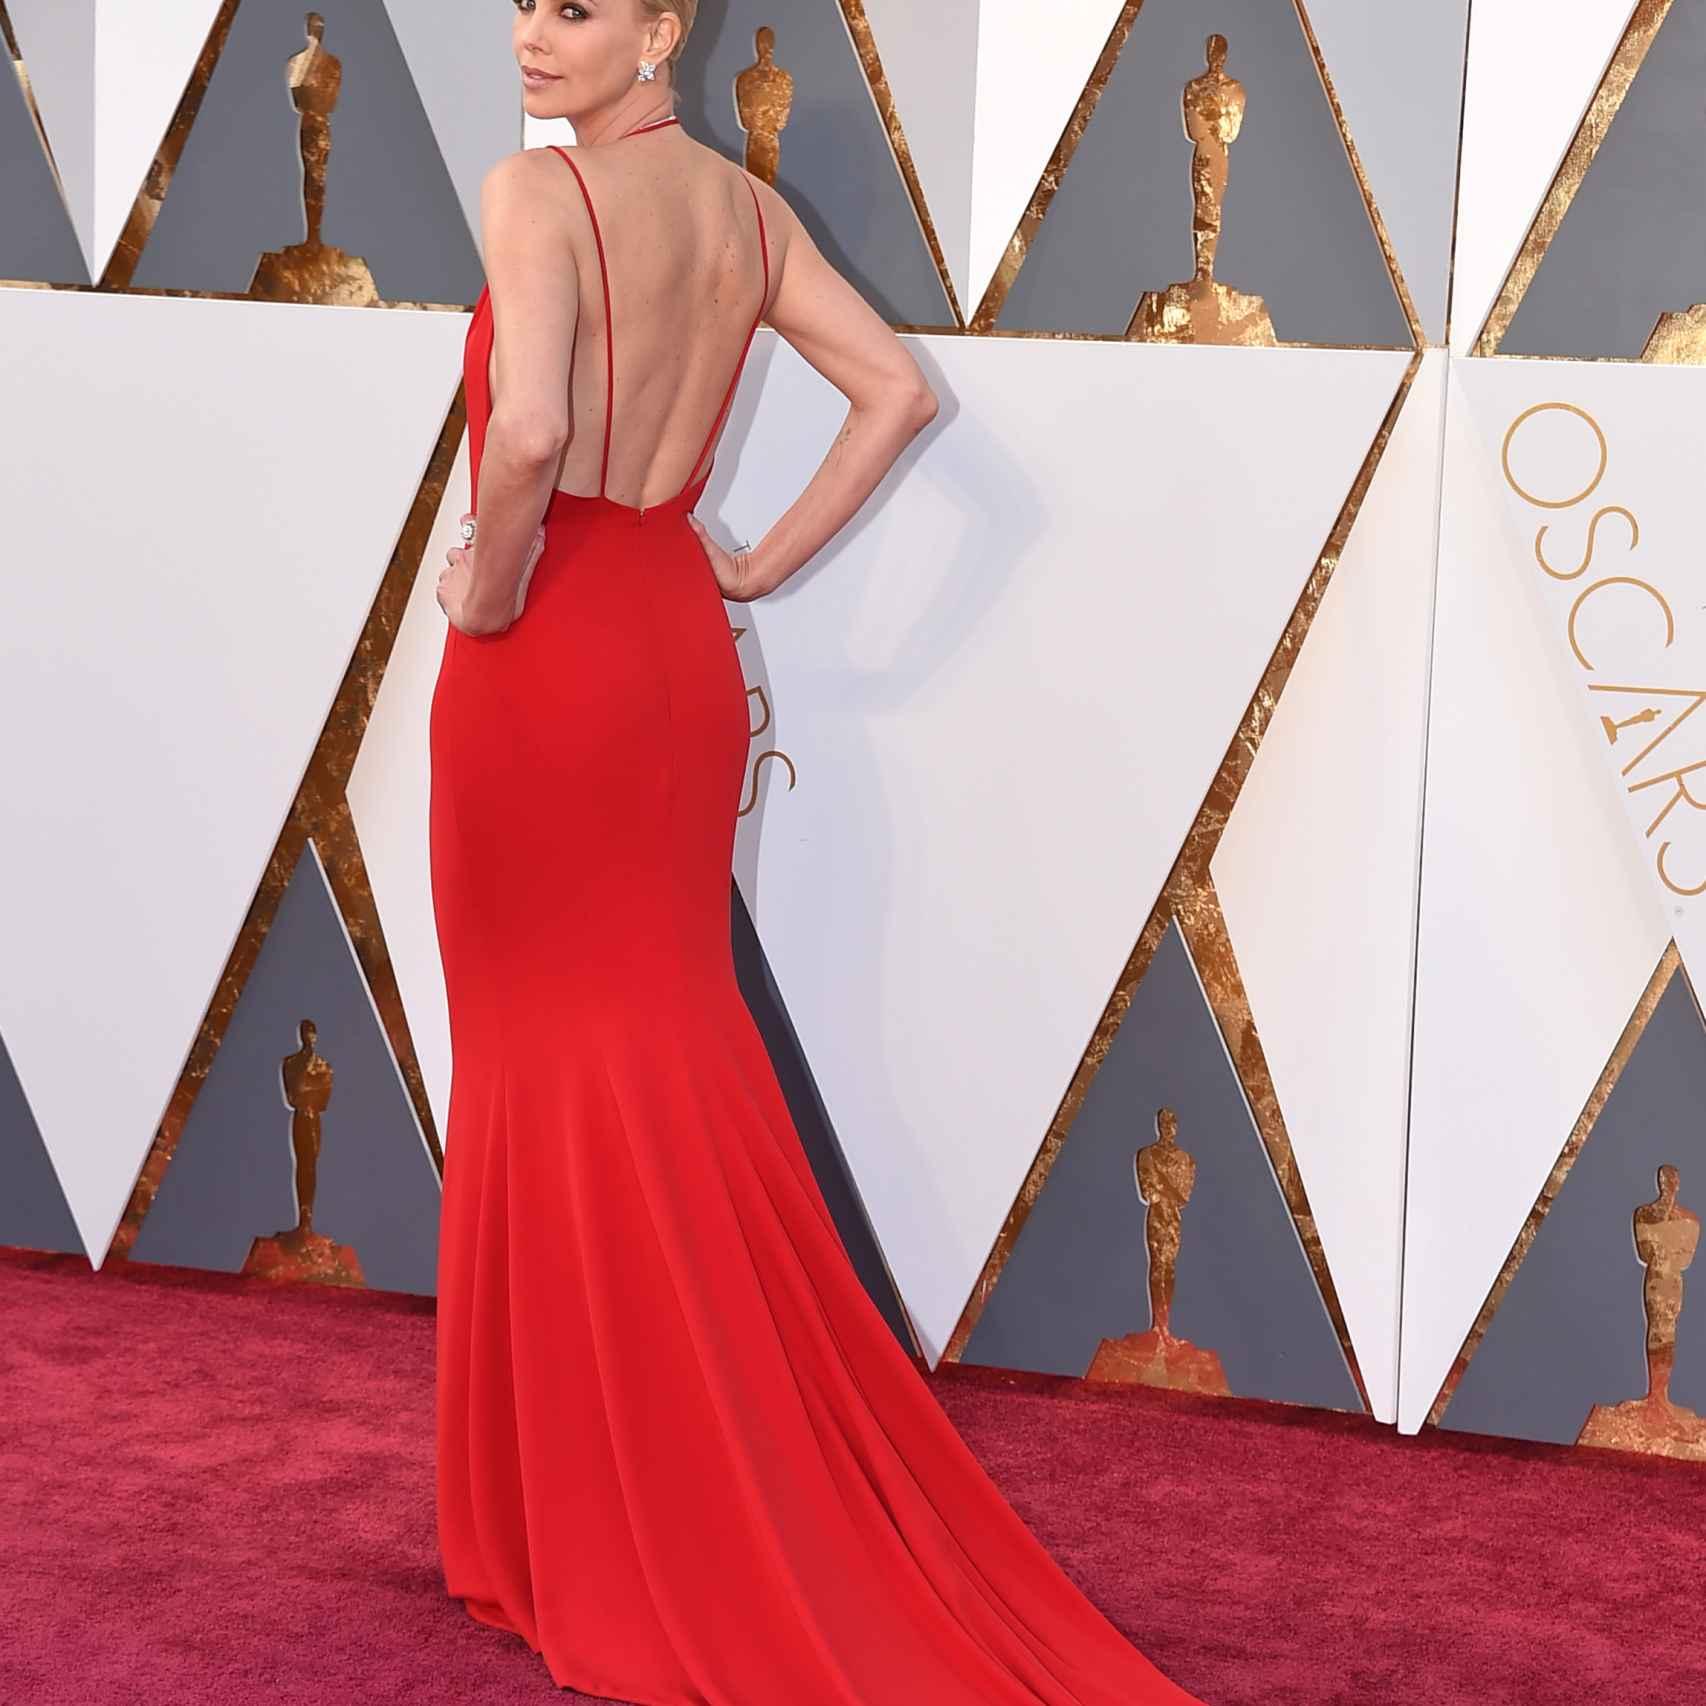 La espalda abierta del Dior  rojo es espectacular